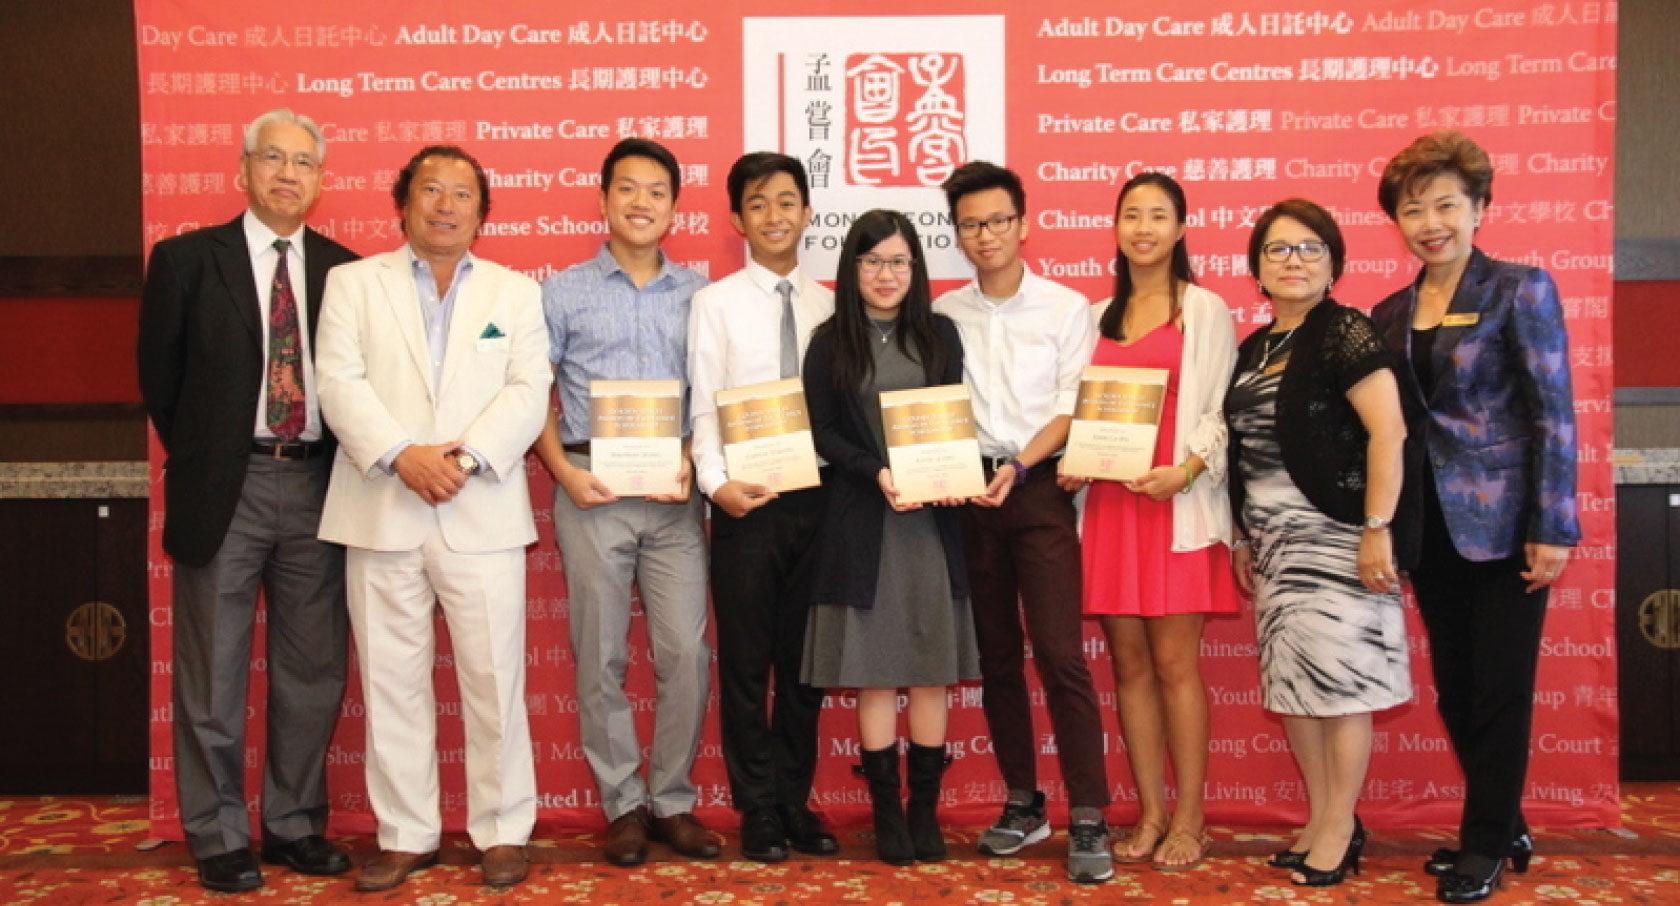 Golden-Jubilee-Awards